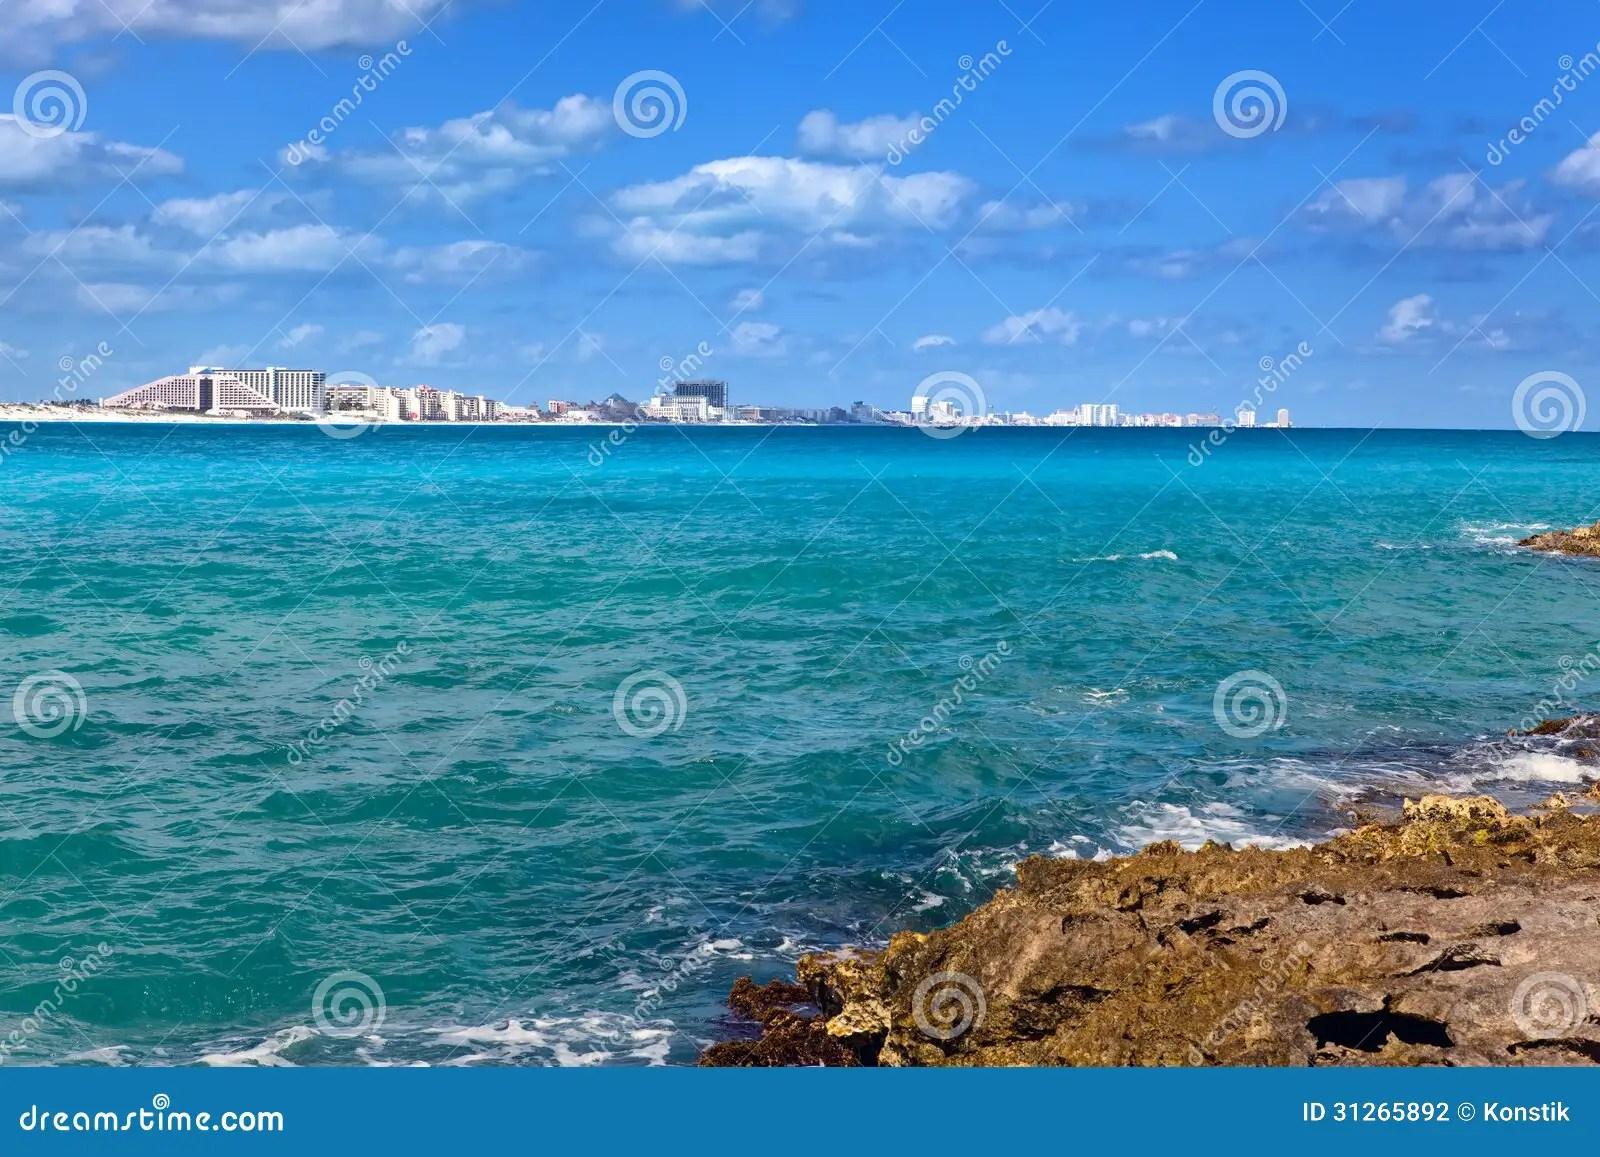 墨西哥。Cancun.summer風景